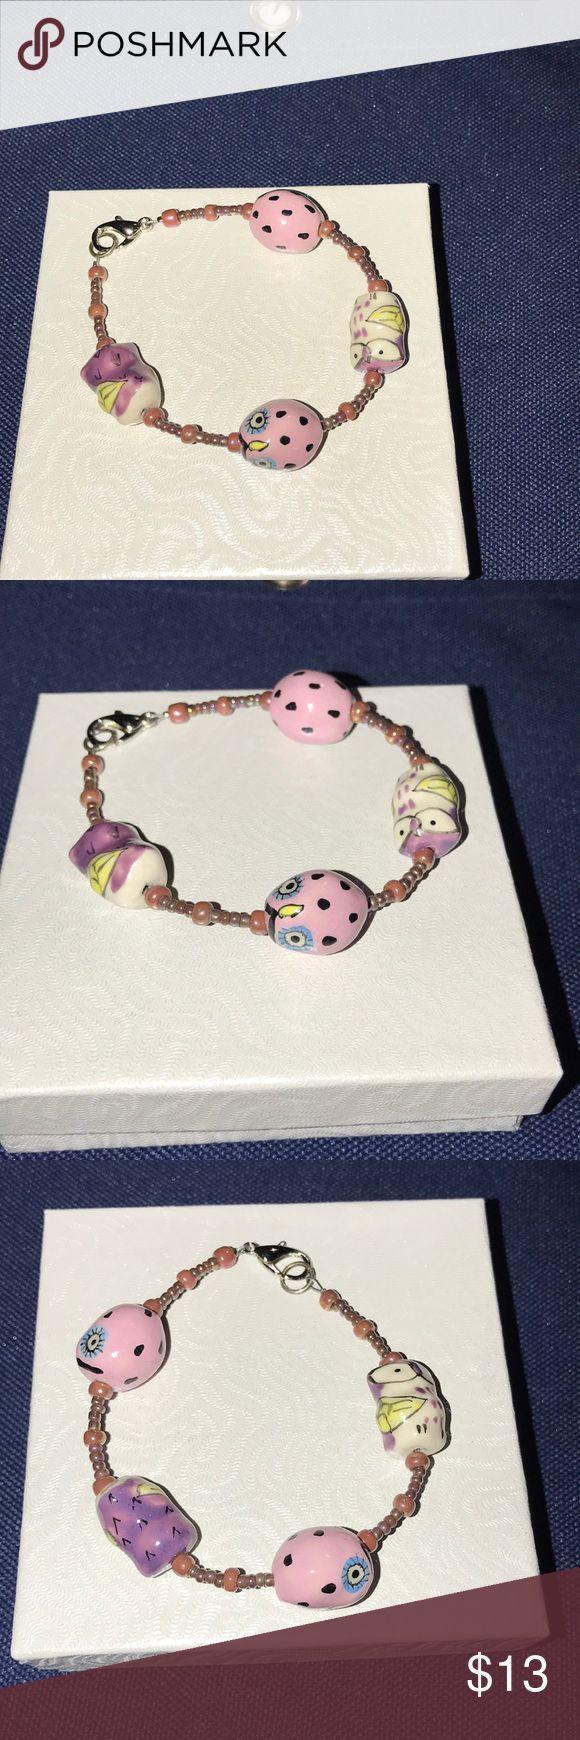 Girl's owl bracelet Owl bracelet with tiny beads Jewelry Bracelets